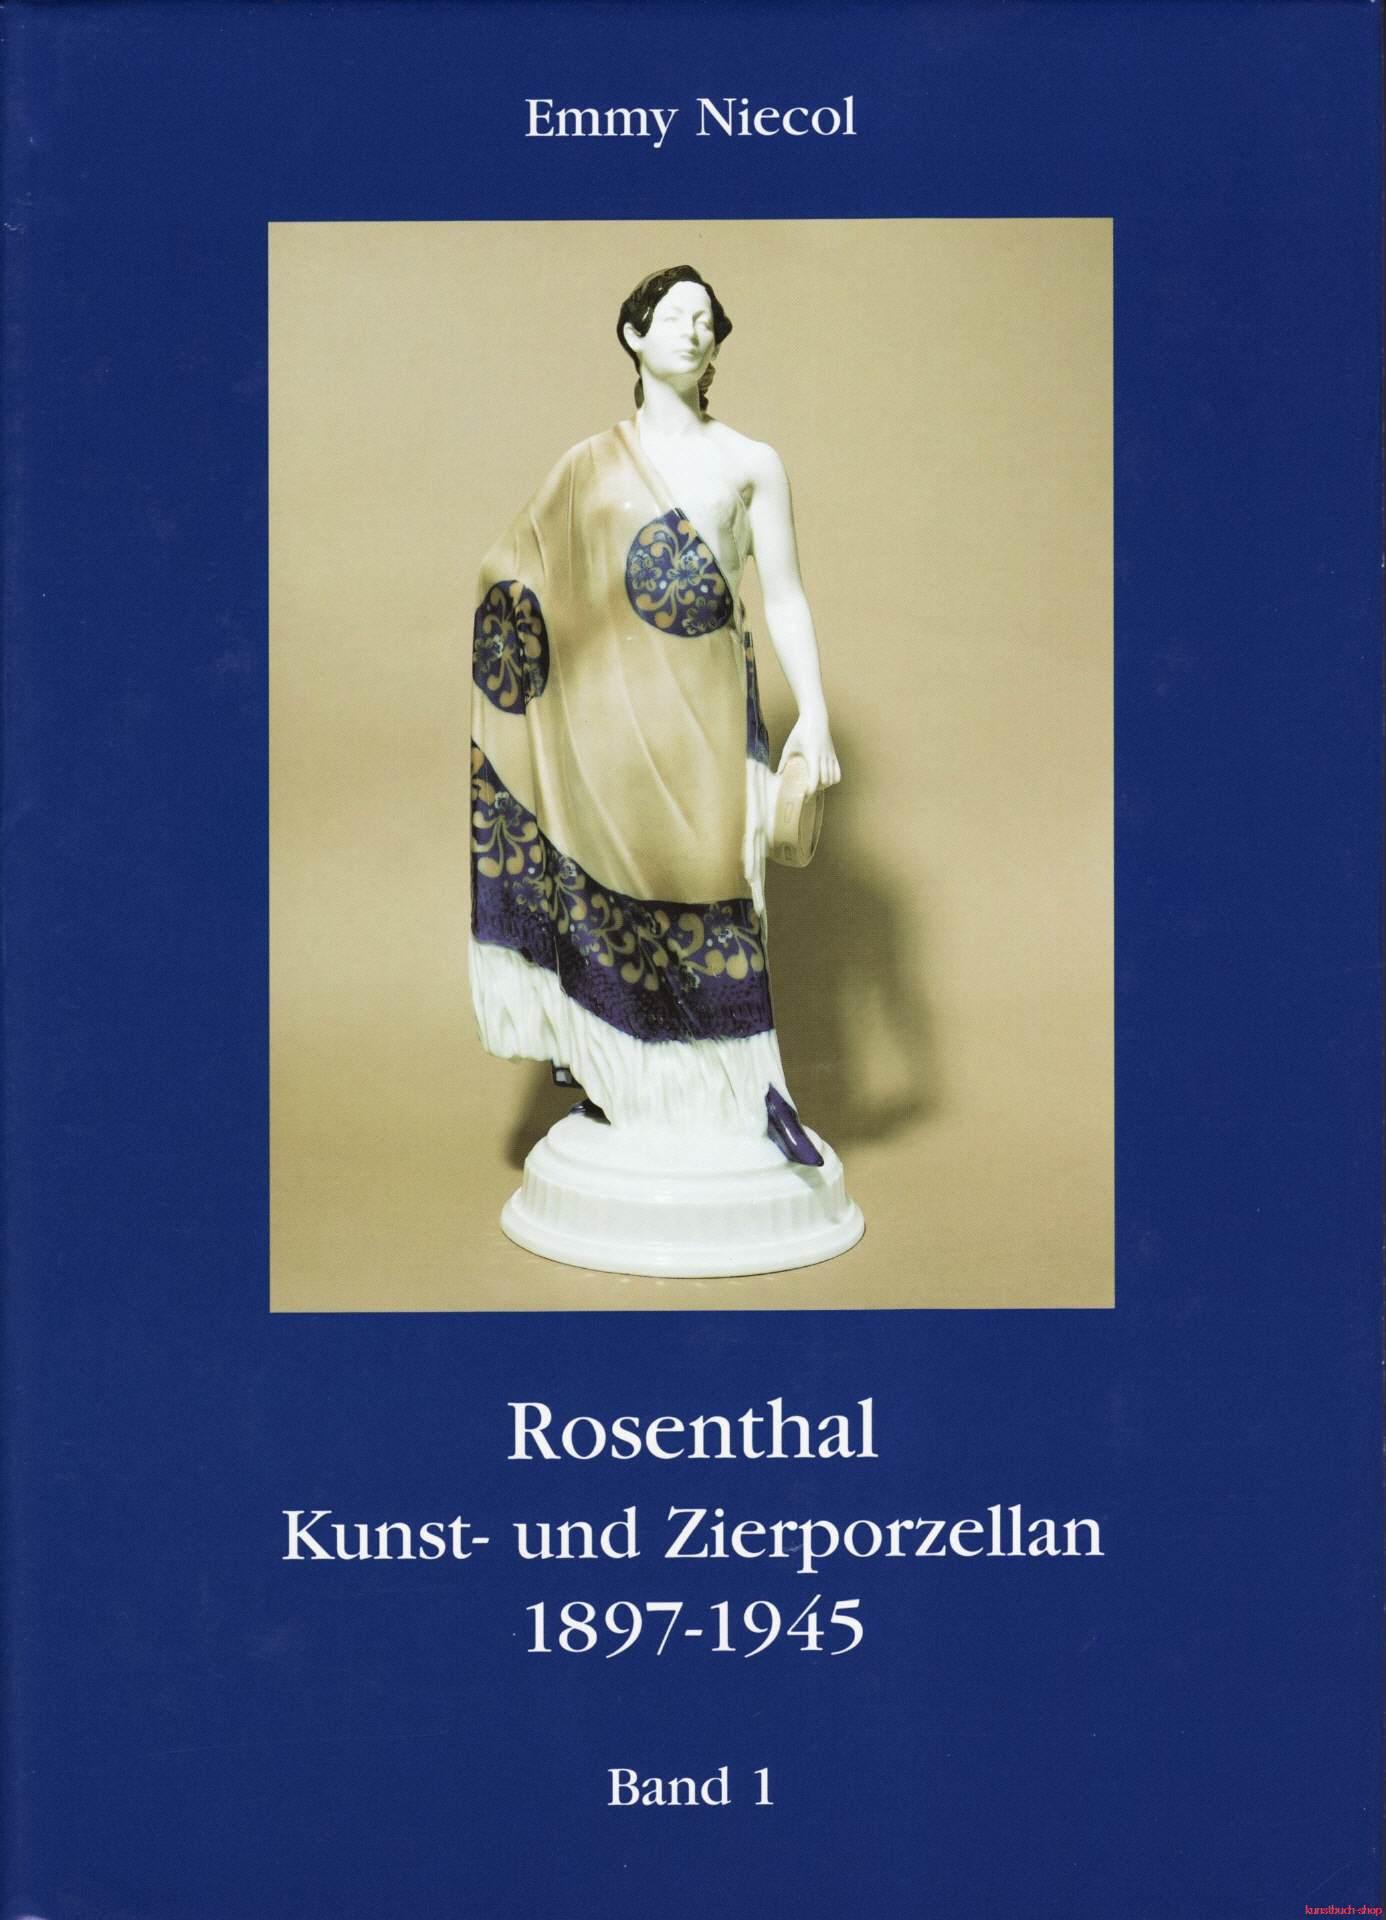 Rosenthal, Kunst- und Zierporzellan 1897-1945 / Rosenthal - Kunst und Zierporzellan 1897-1945. Band 1